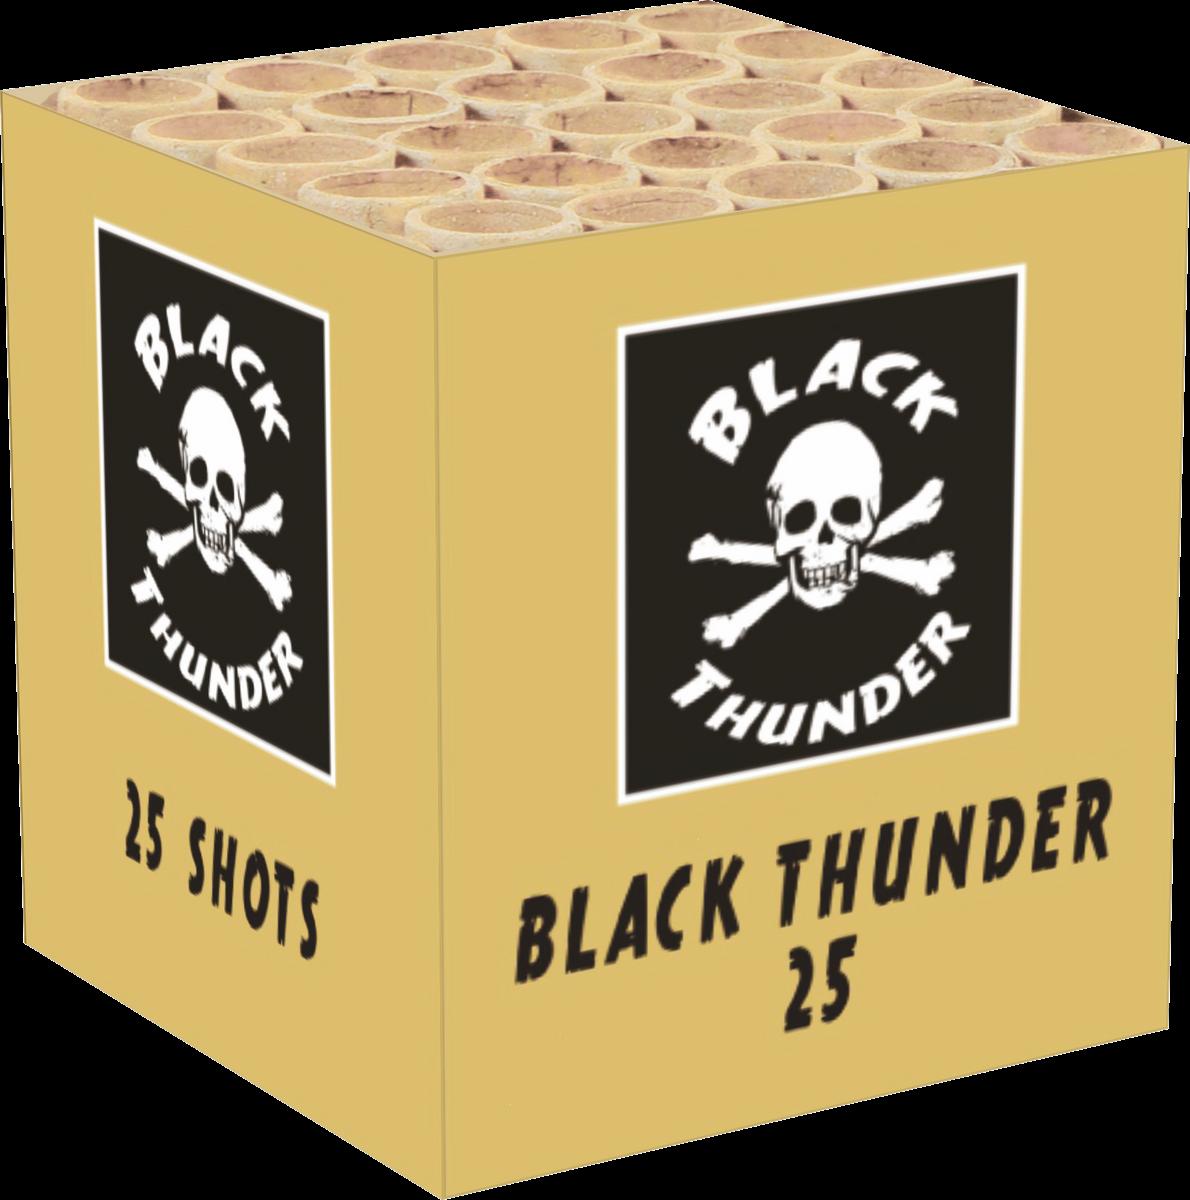 Black Thunder 25